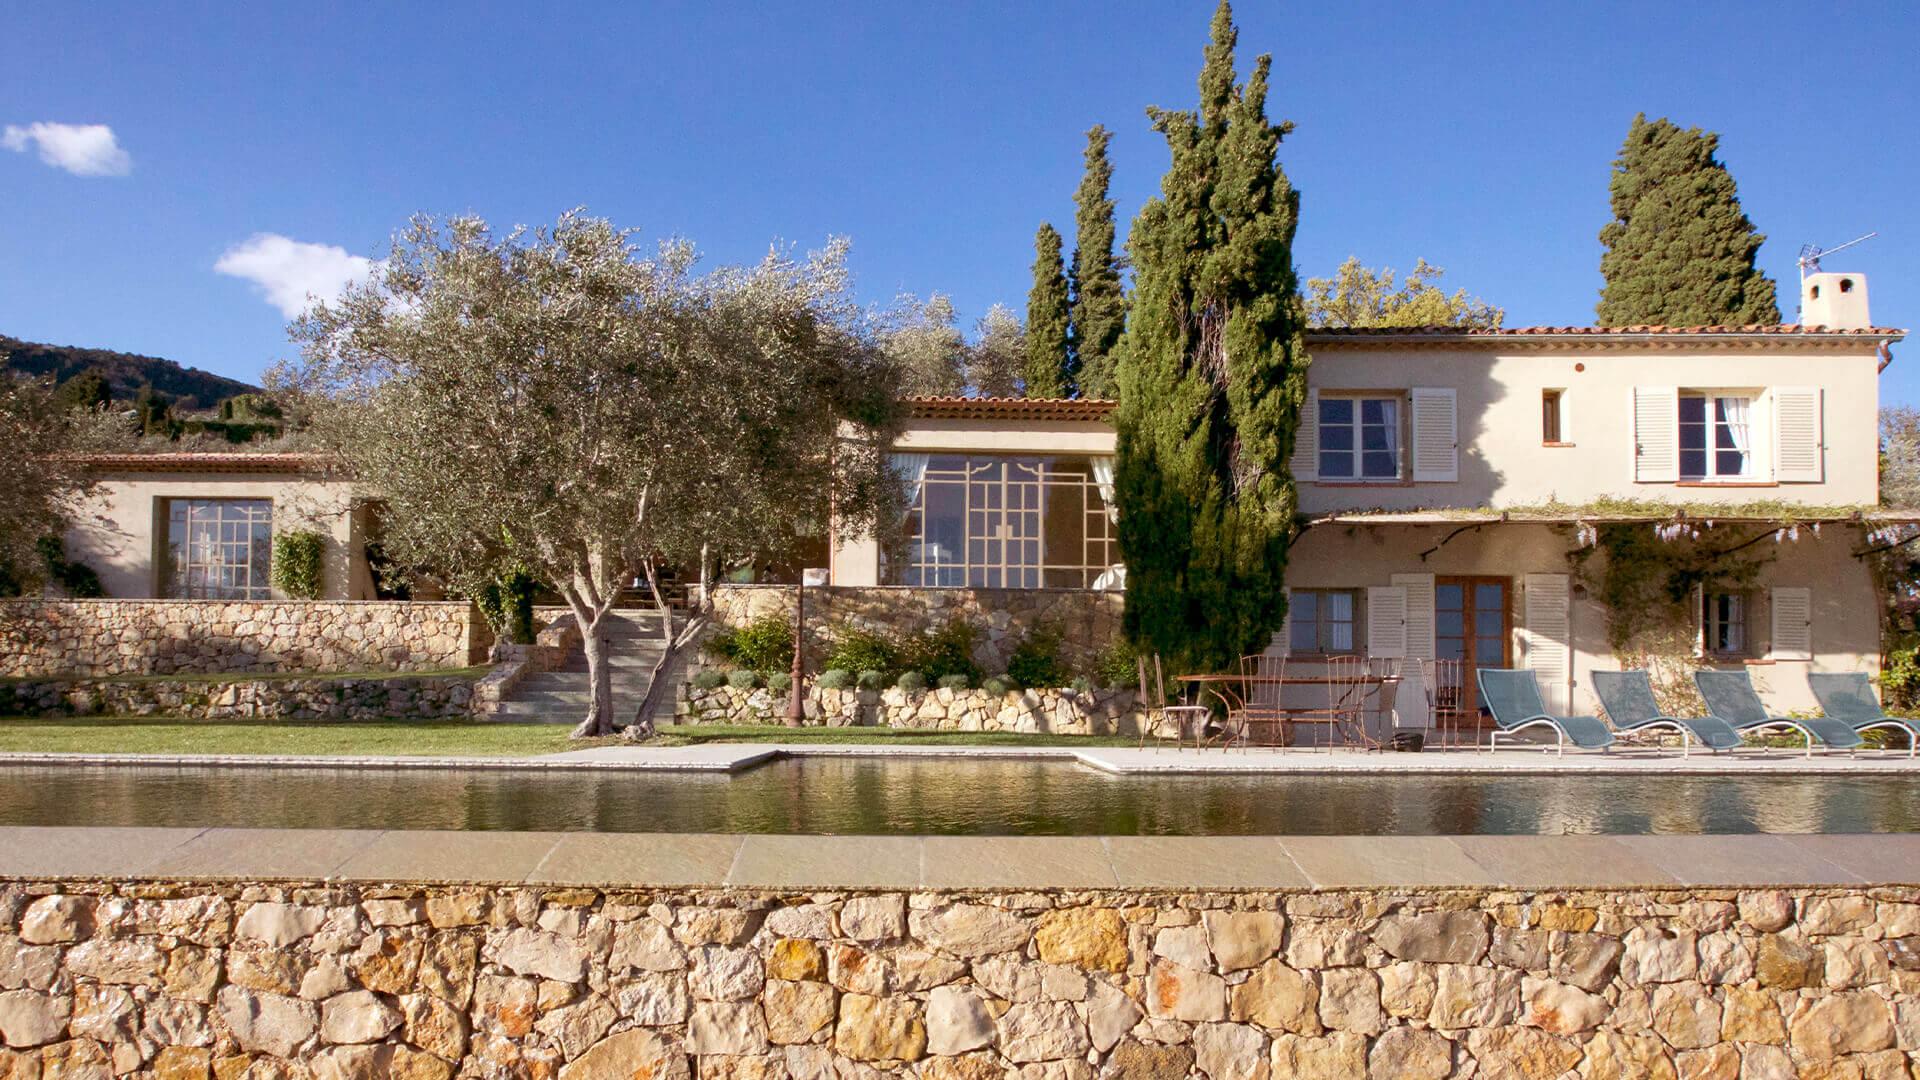 Bastide Provencale villa and swimming pool